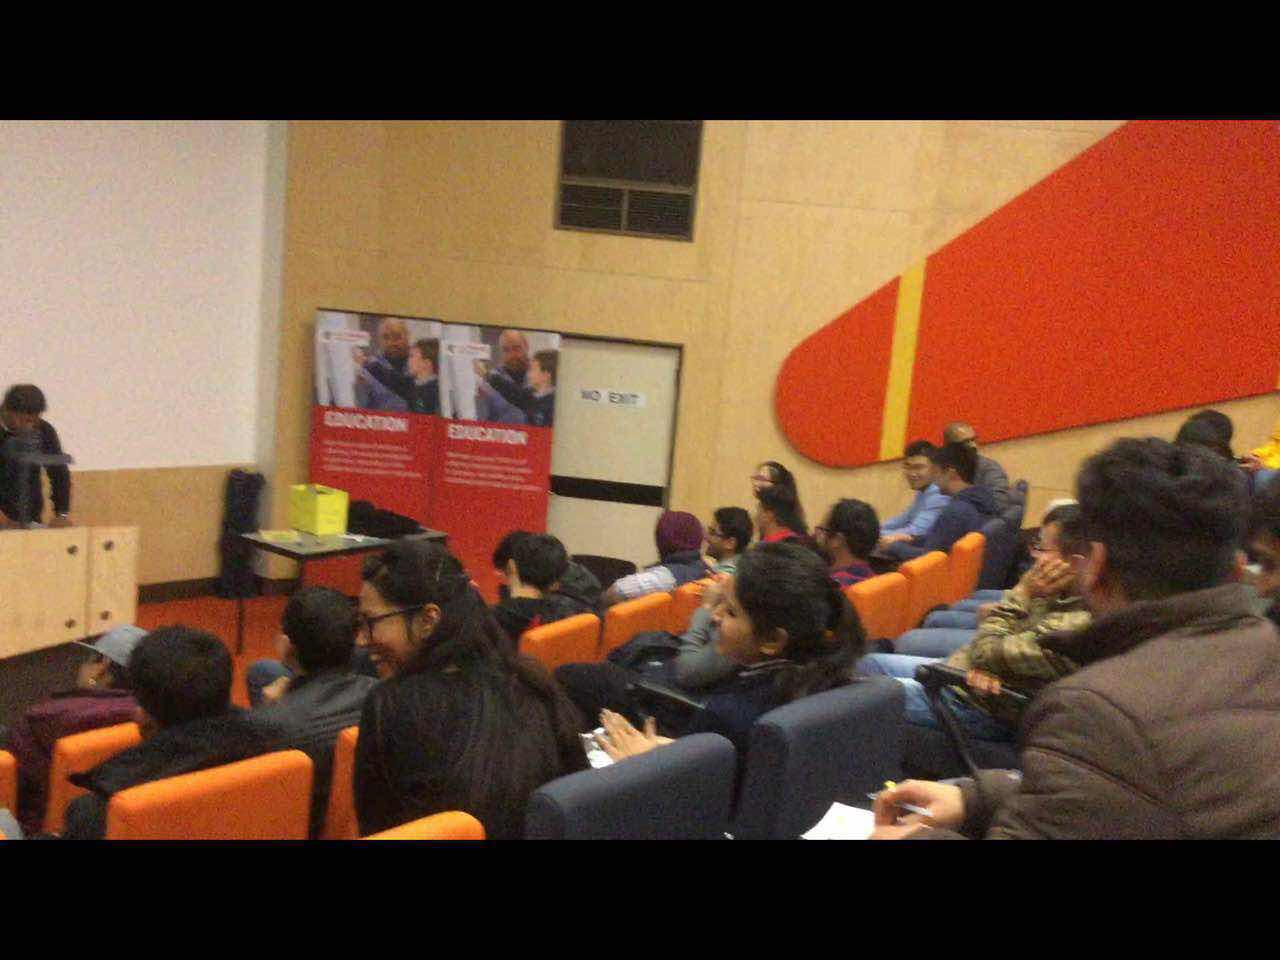 拉筹伯大学,澳洲留学经历,澳洲免费留学申请,澳洲华人国际学生会议